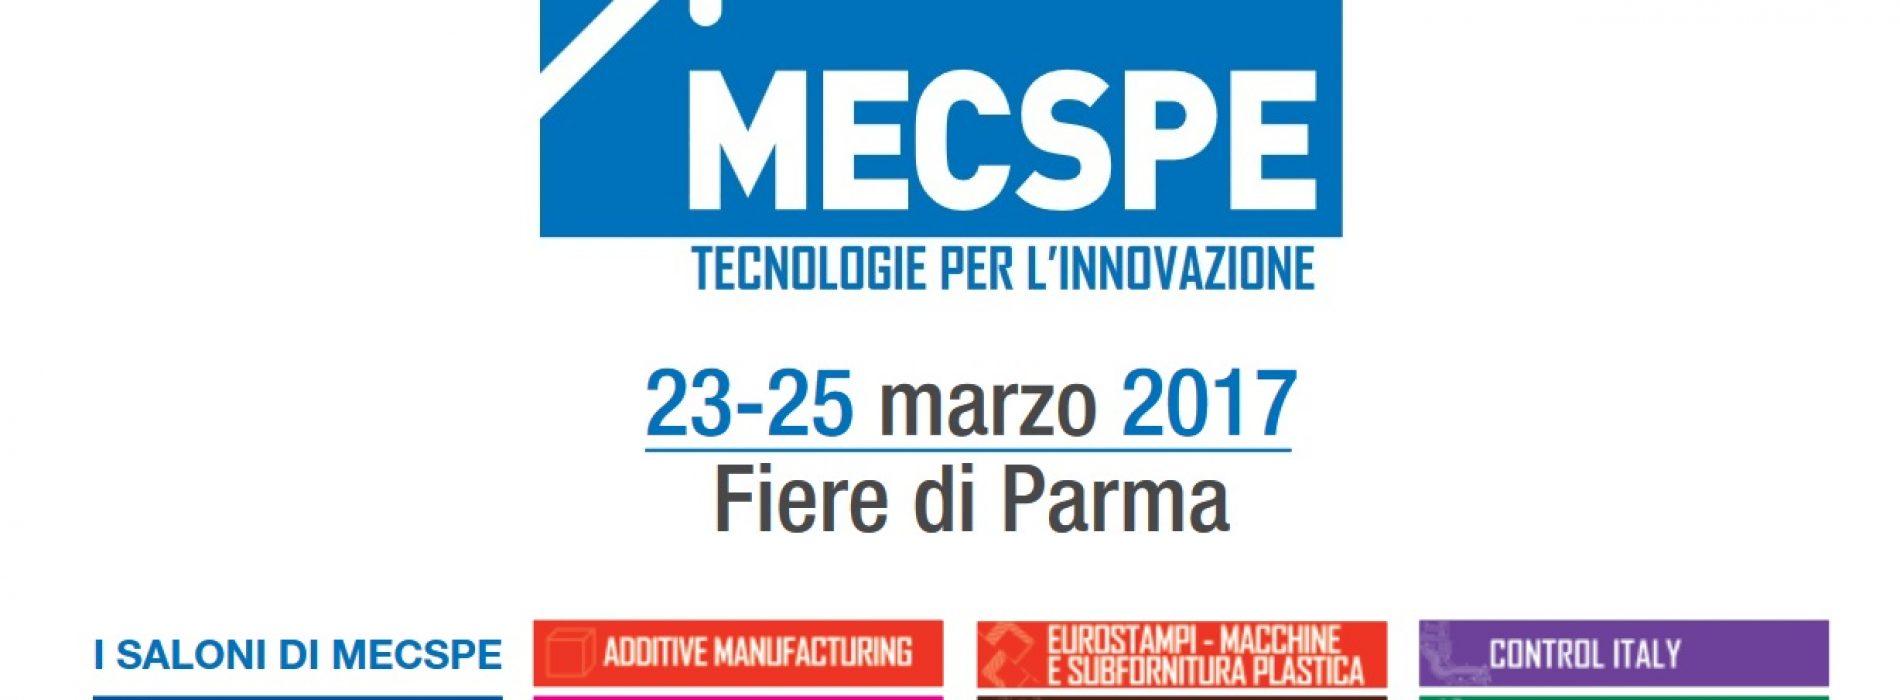 MECSPE: fiera internazionale delle tecnologie per l'innovazione